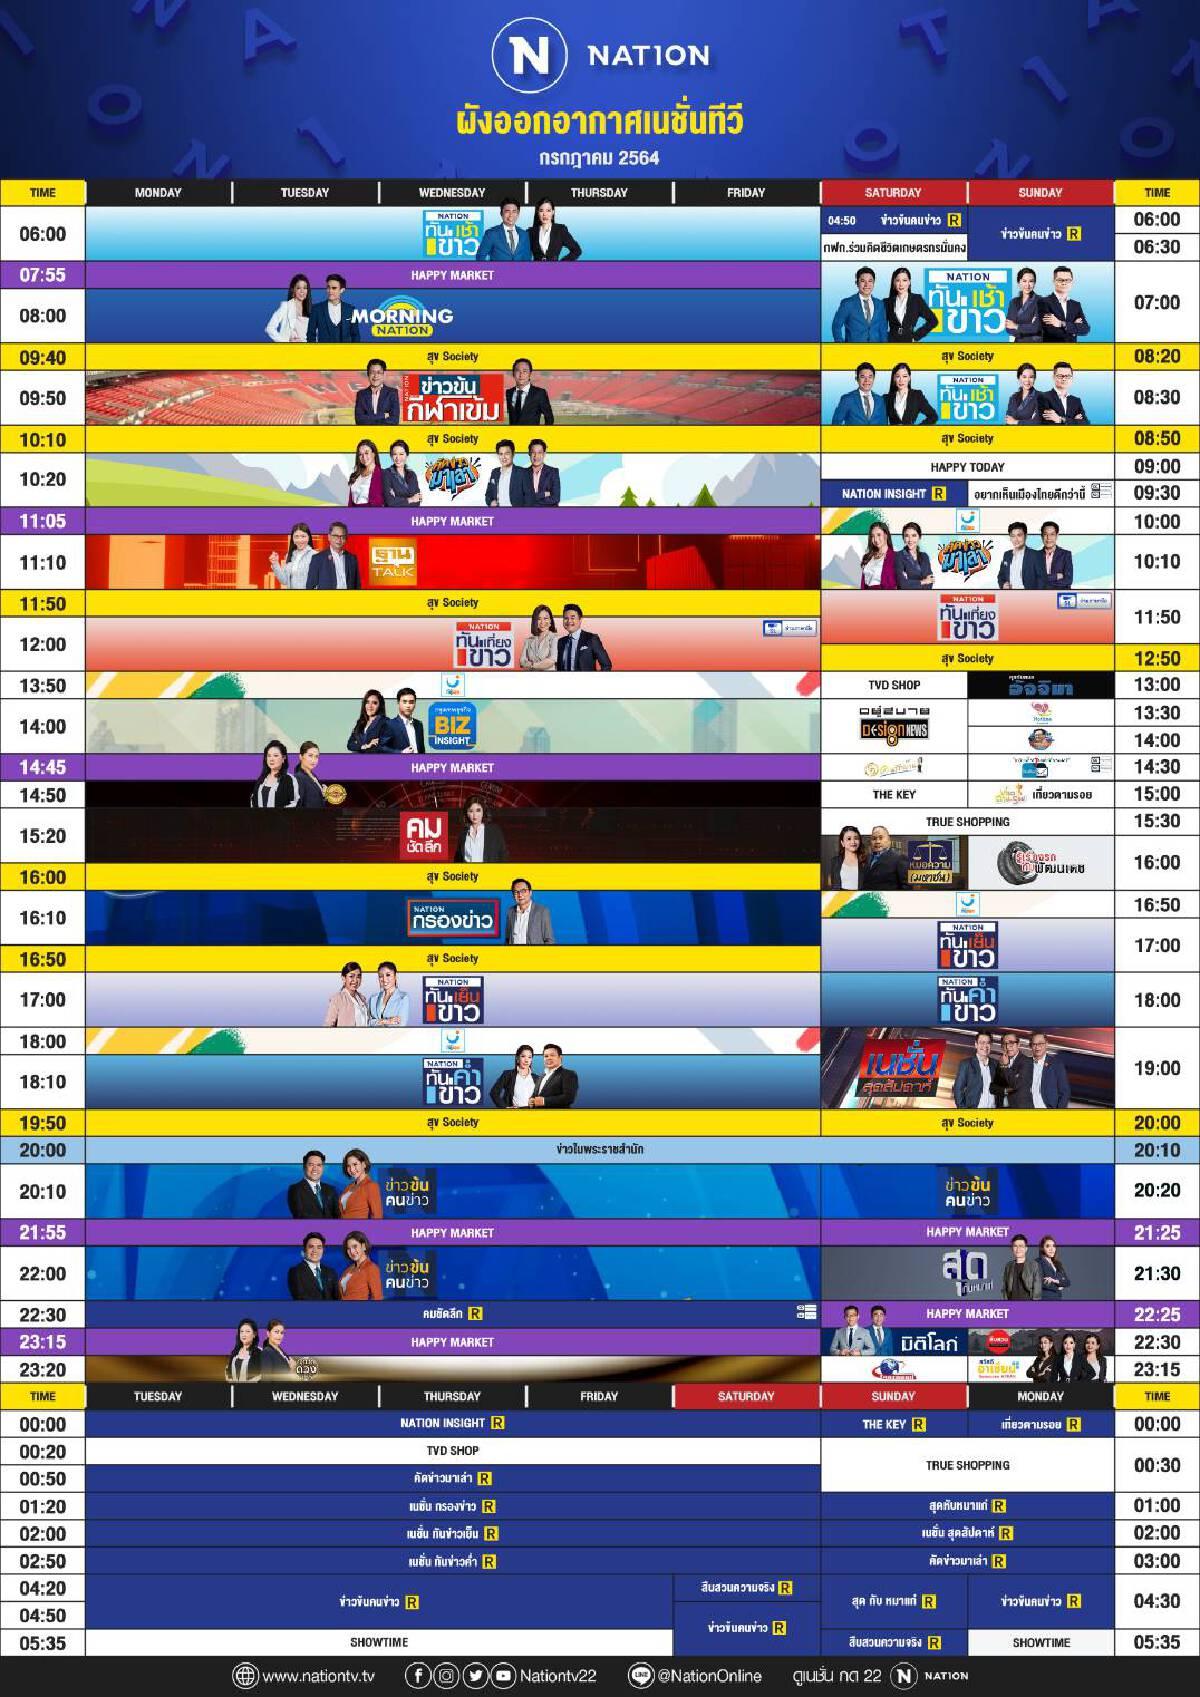 ผังออกอากาศ NationTV ประจำเดือน กรกฎาคม 2564